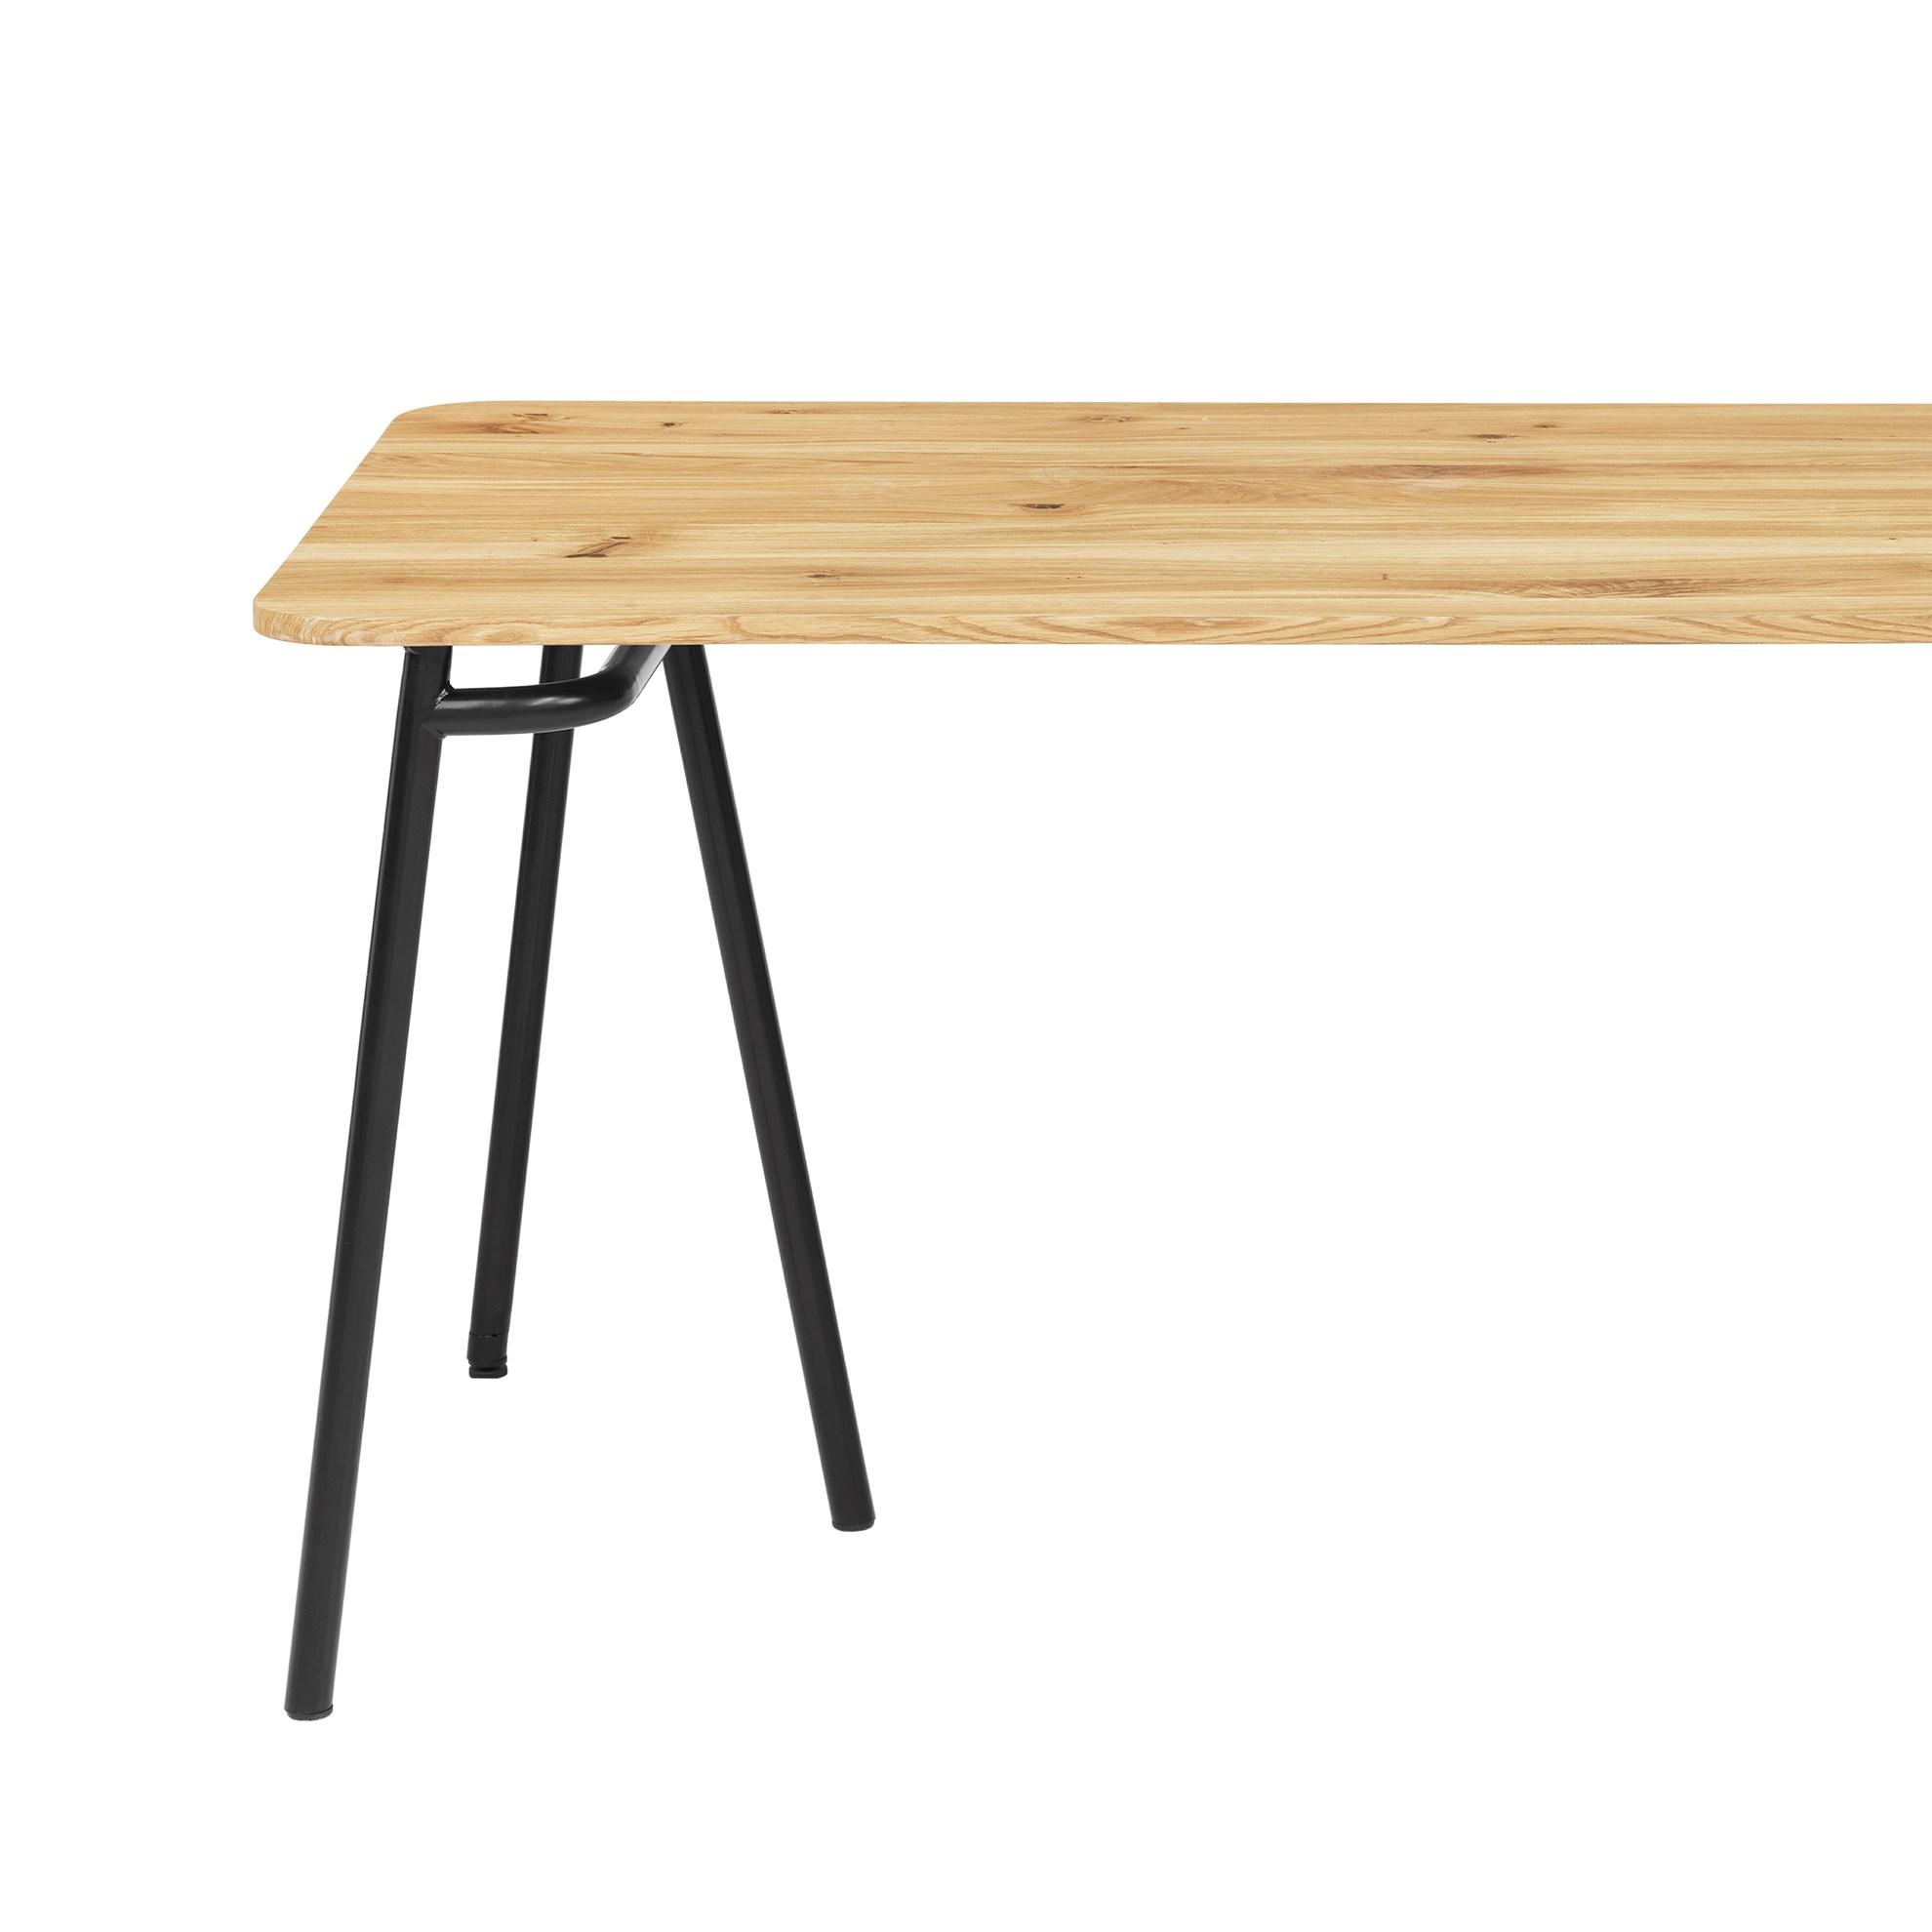 Deska pro jídelné stůl MOON OAK (pouze deska)_4